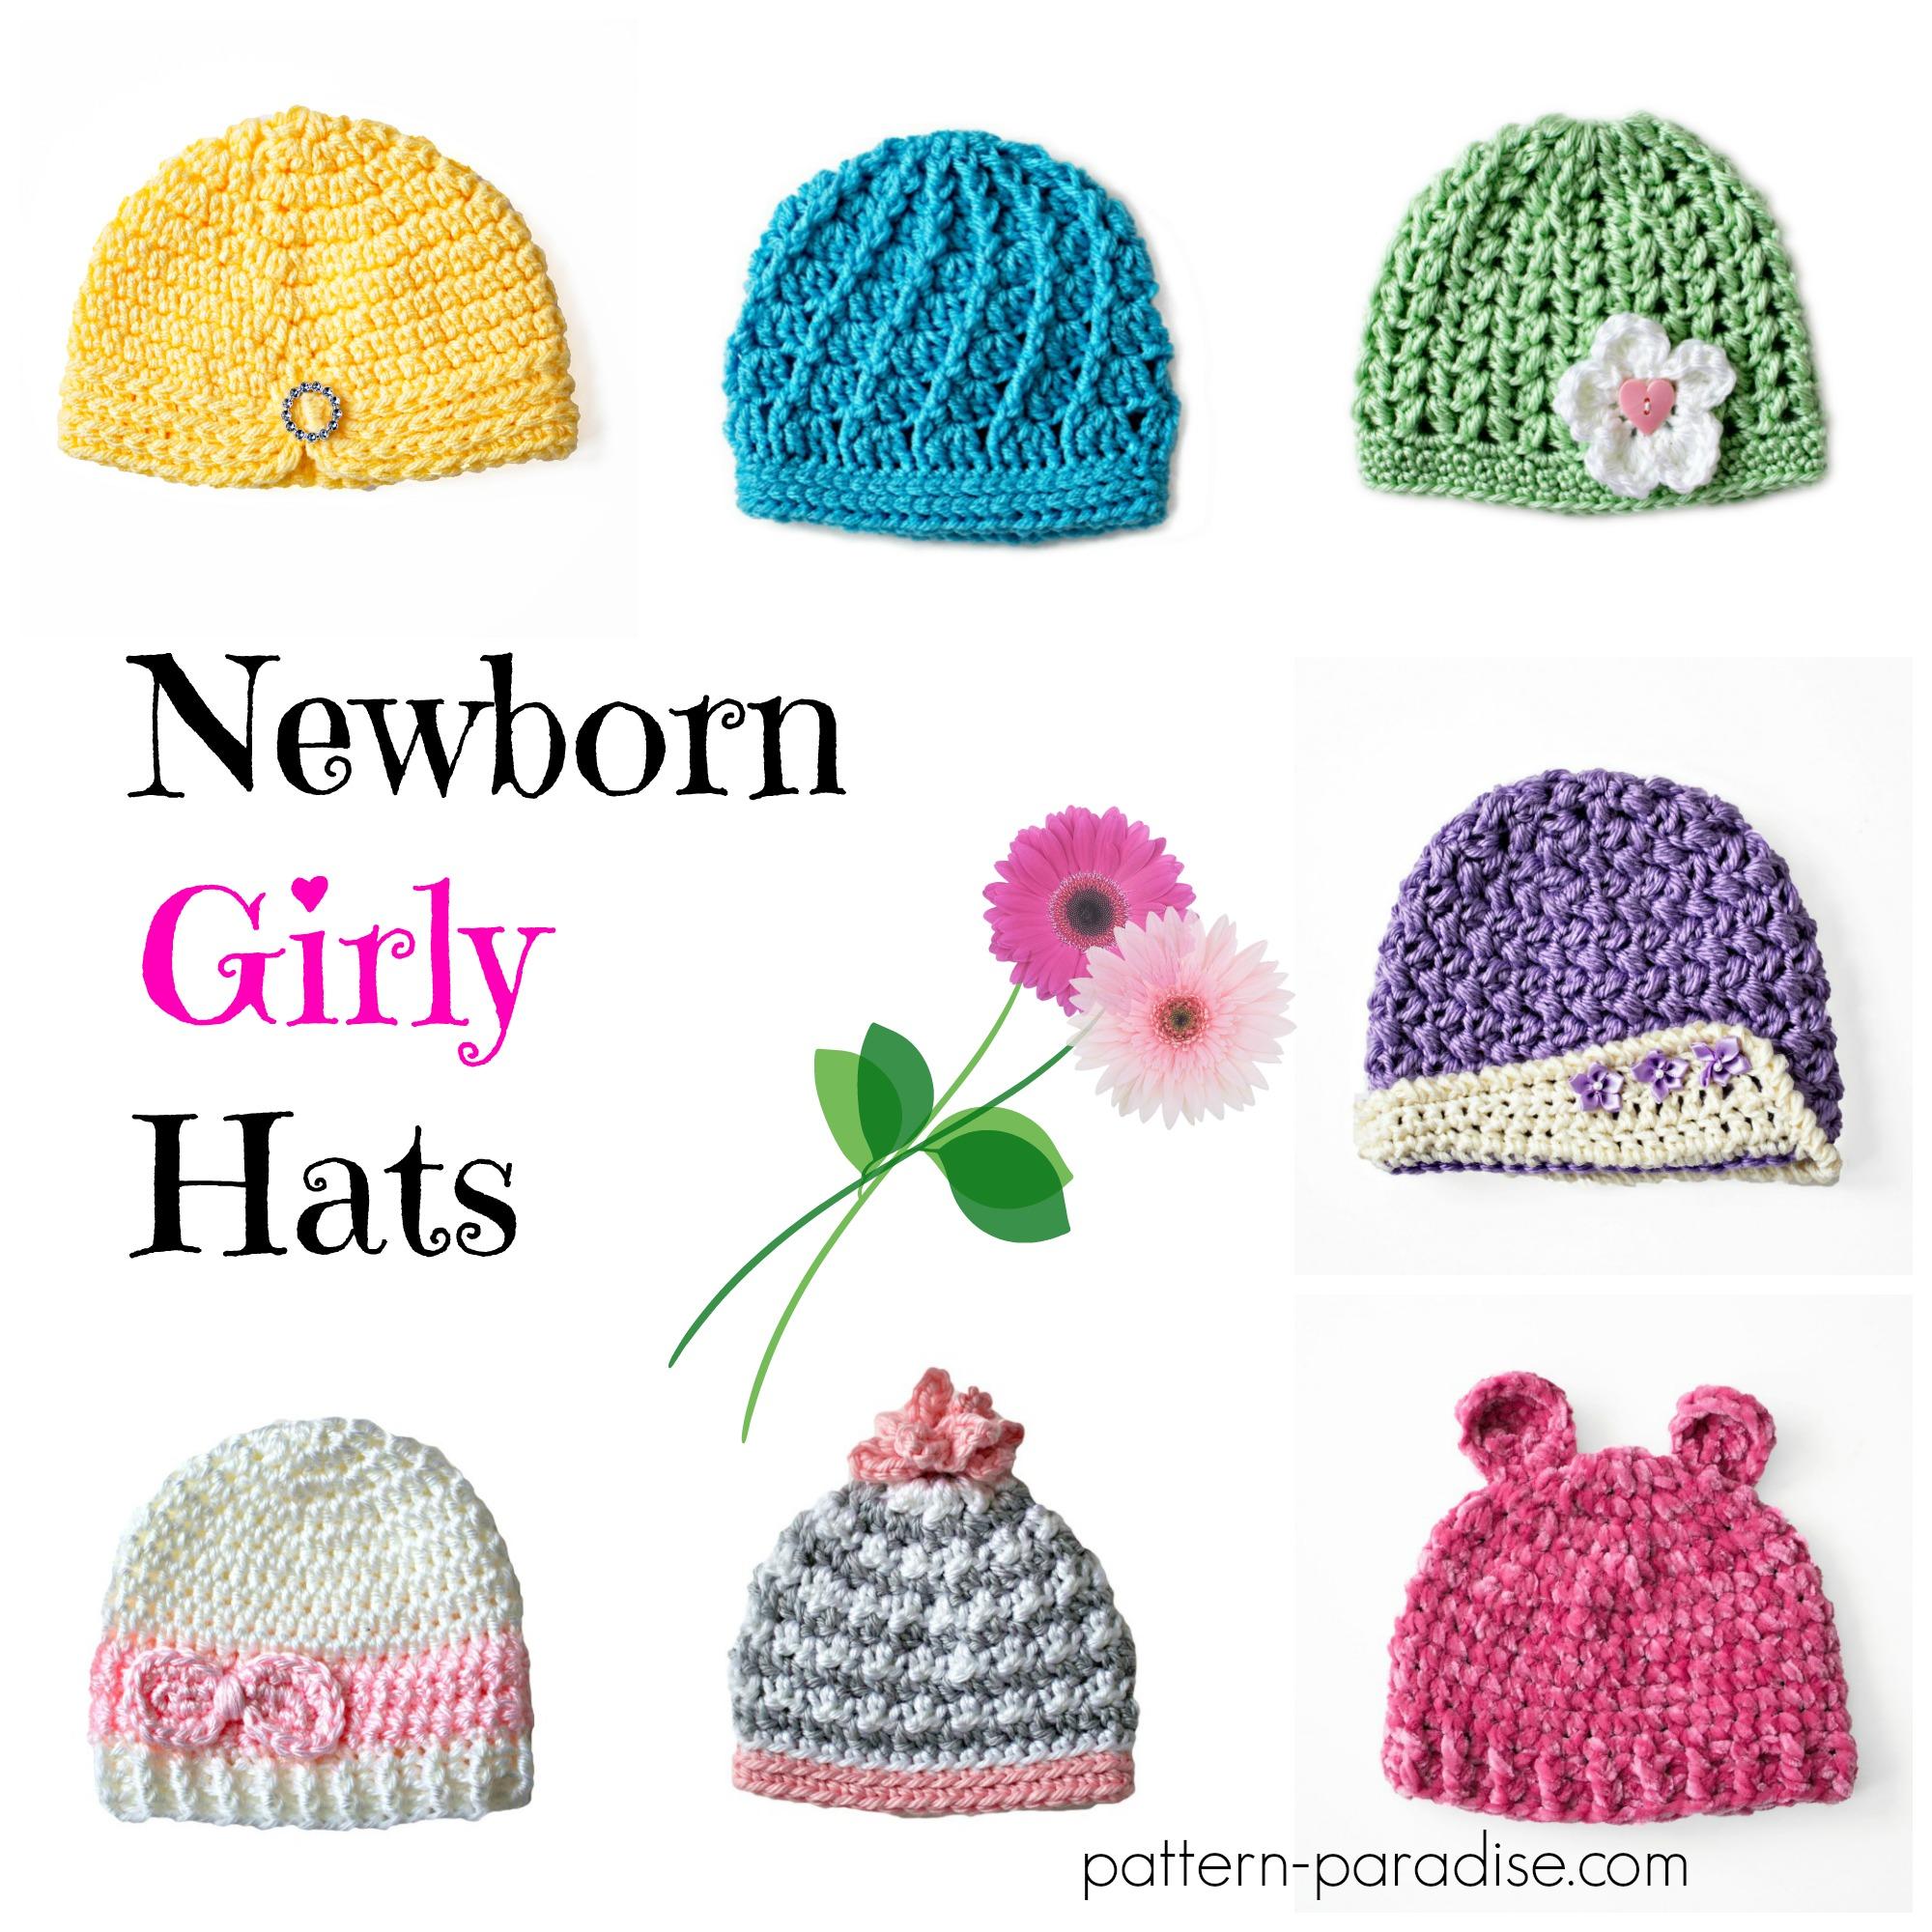 Crochet Pattern: Newborn Girly Hats   Pattern Paradise